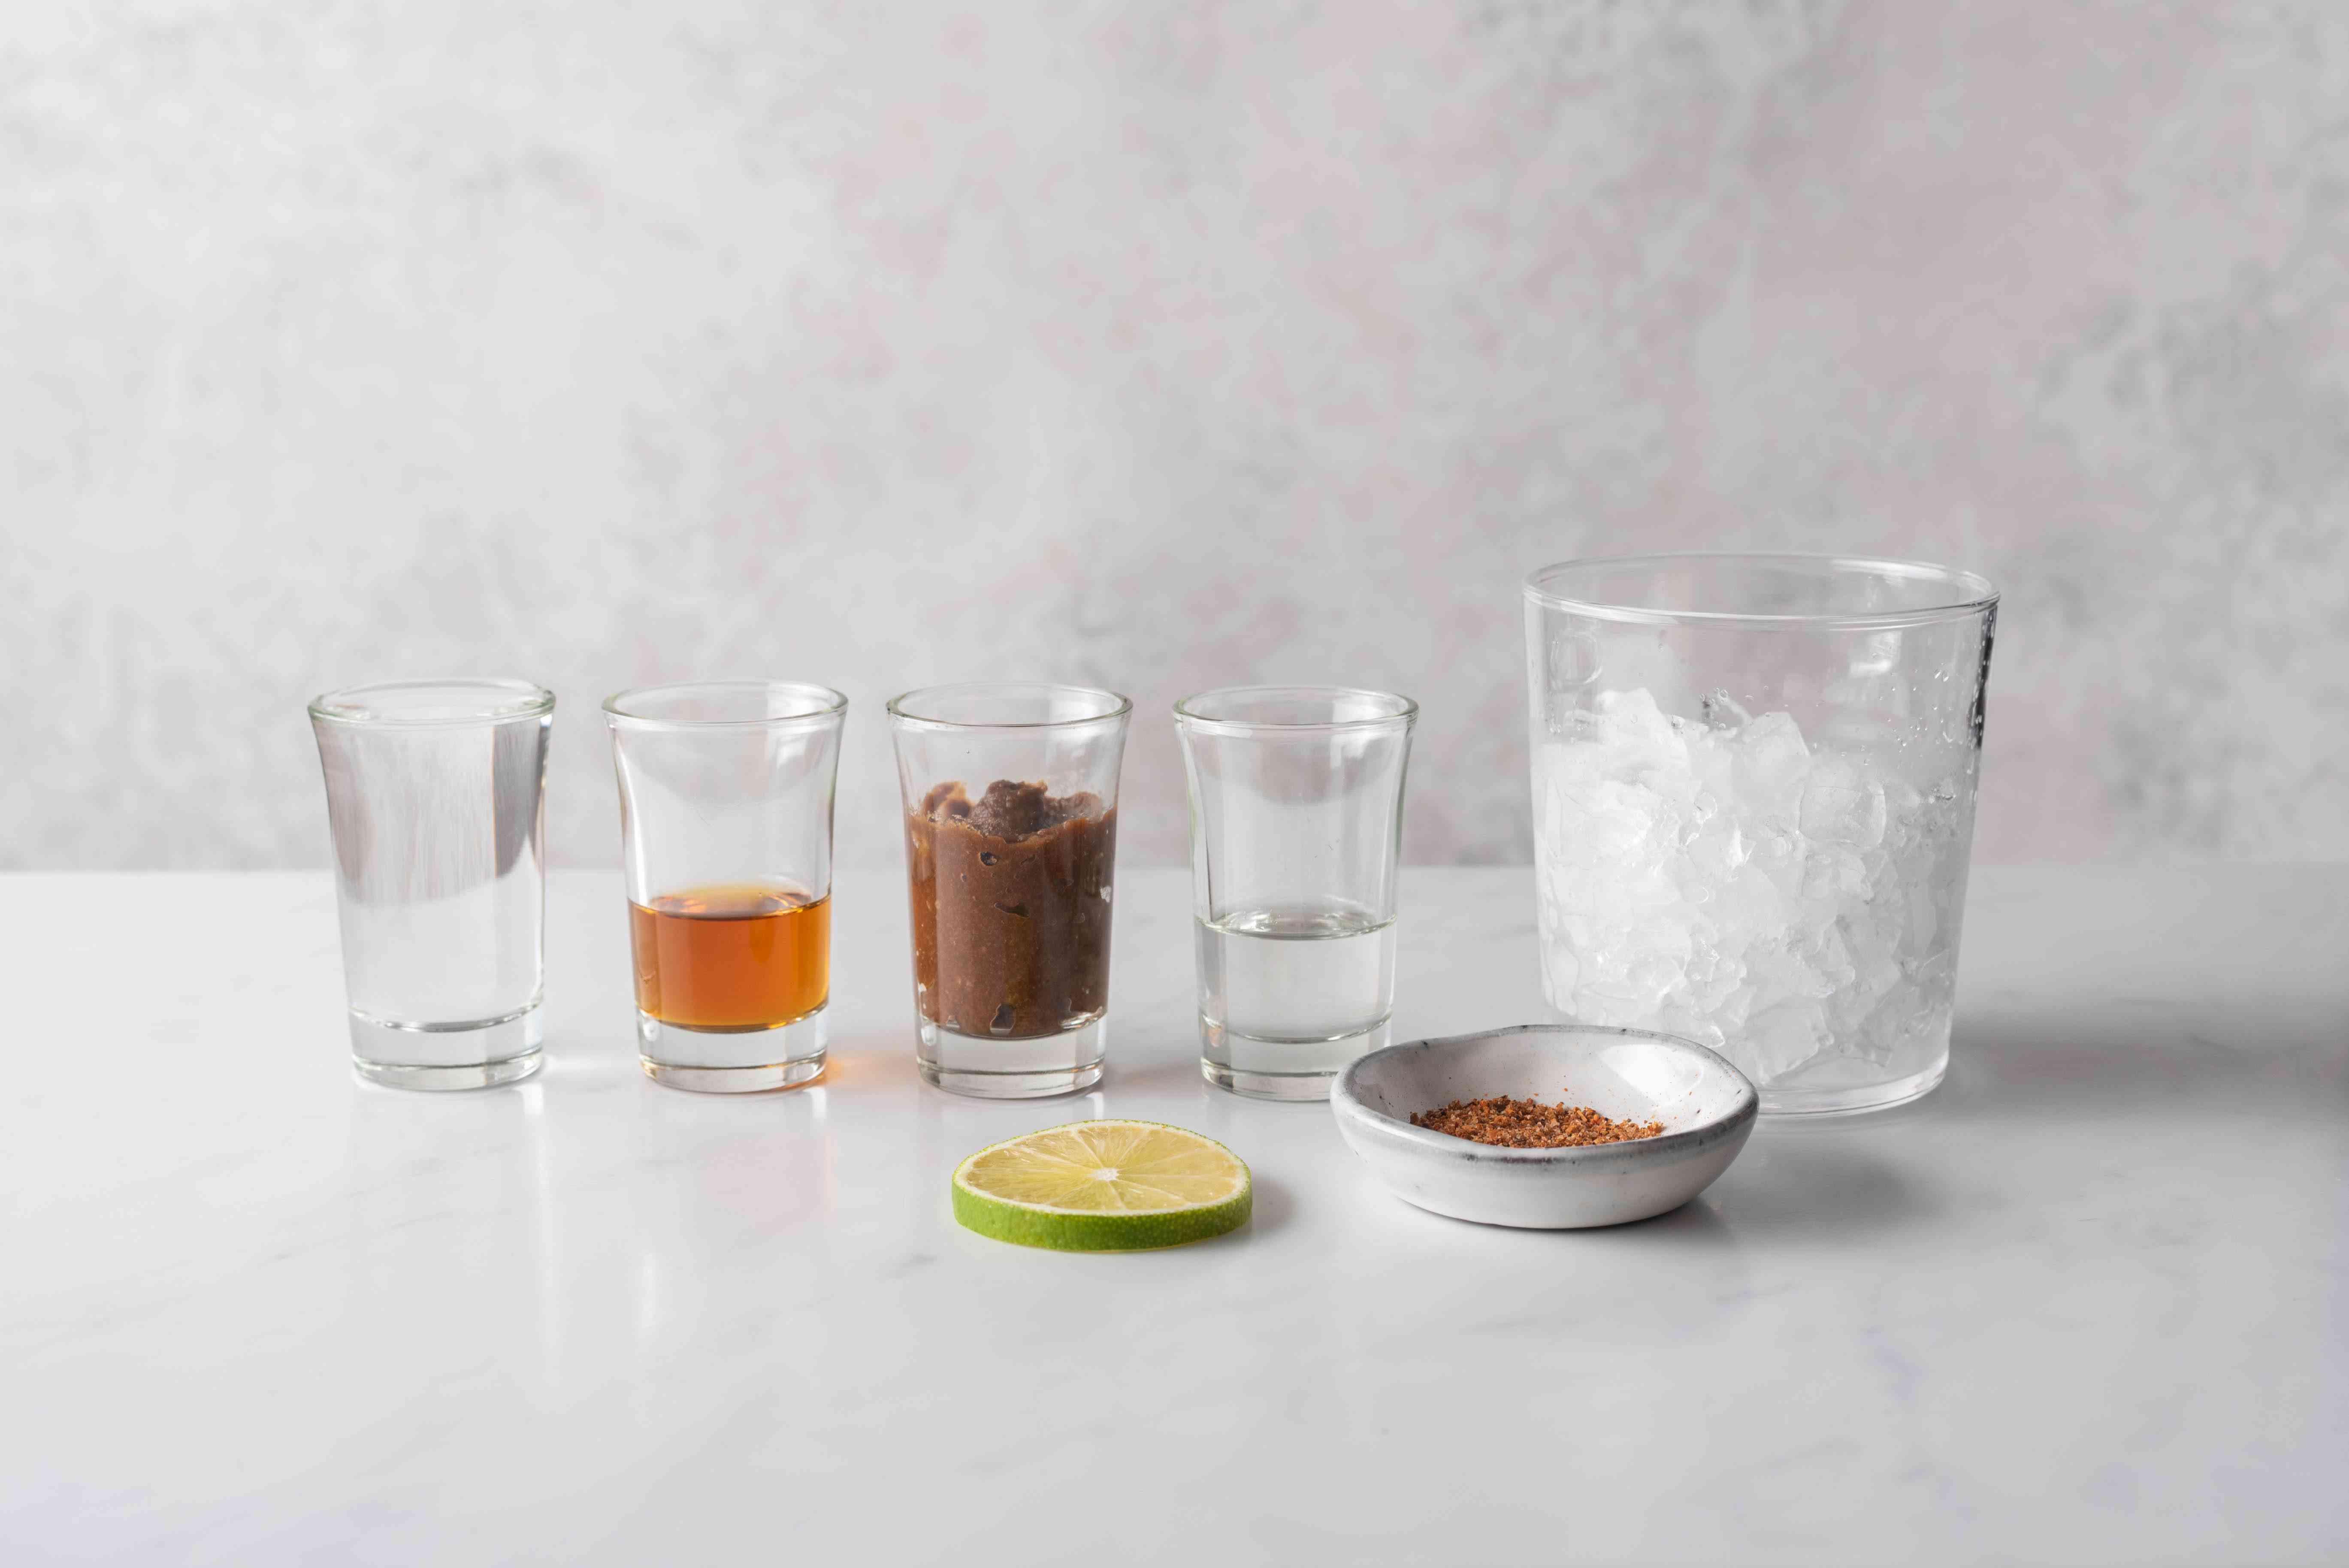 Tamarind Margarita ingredients